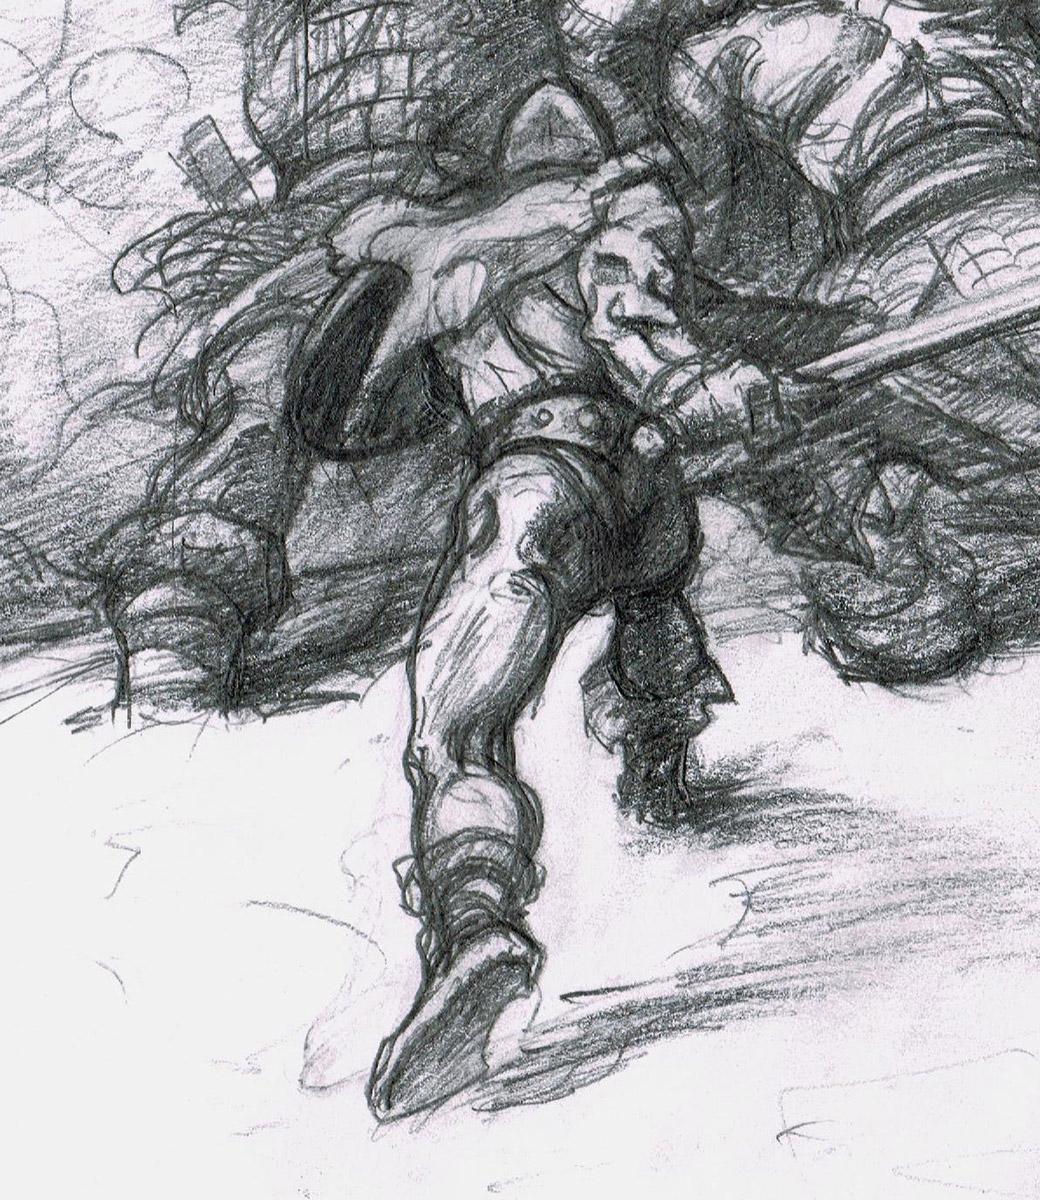 Conan commission, part 3